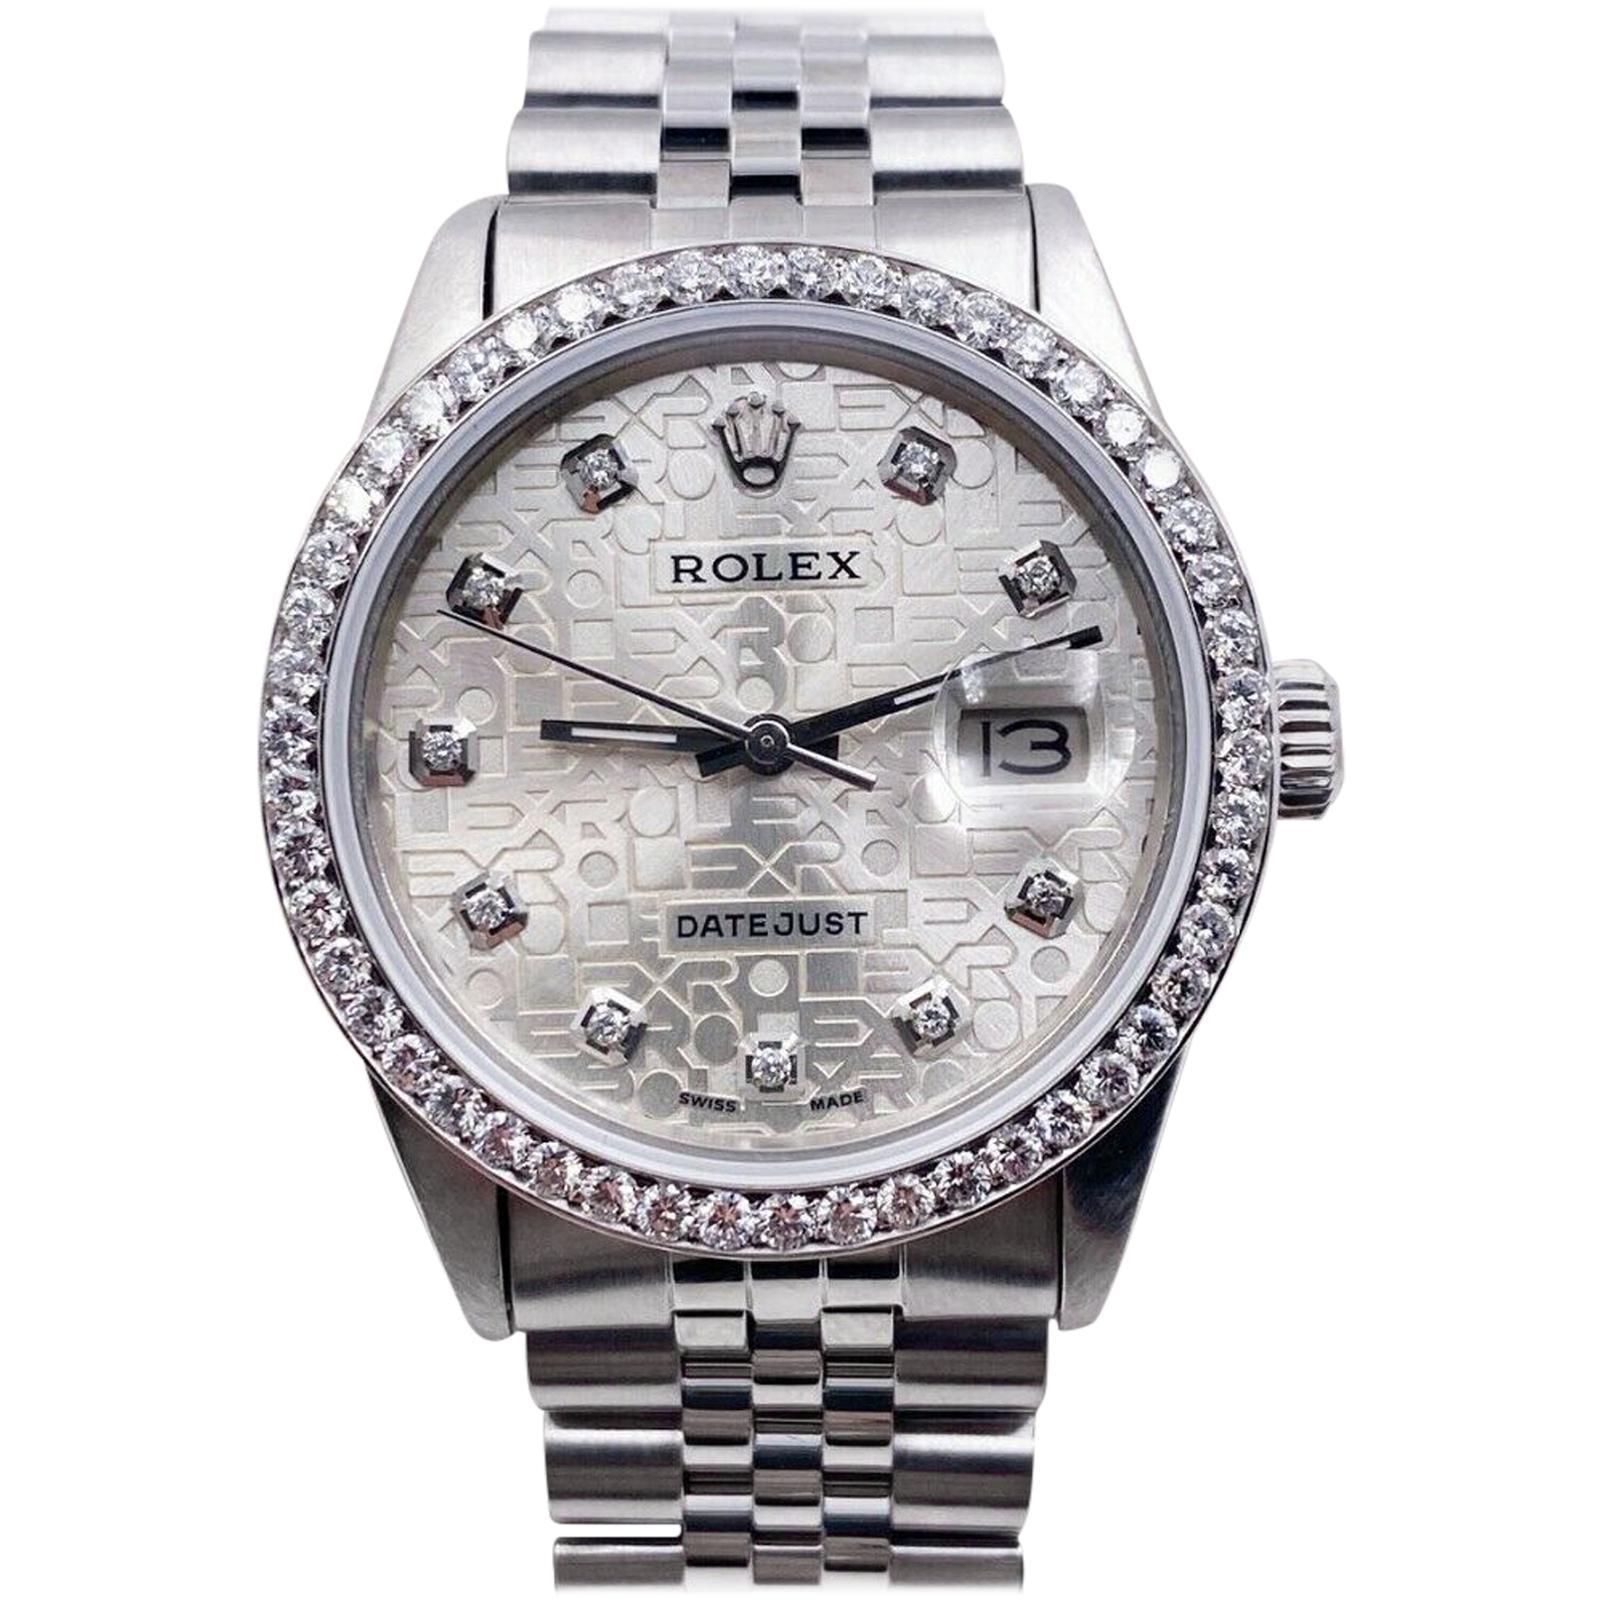 Rolex Datejust 16030 Jubilee Diamond Dial Diamond Bezel Stainless Steel Mint